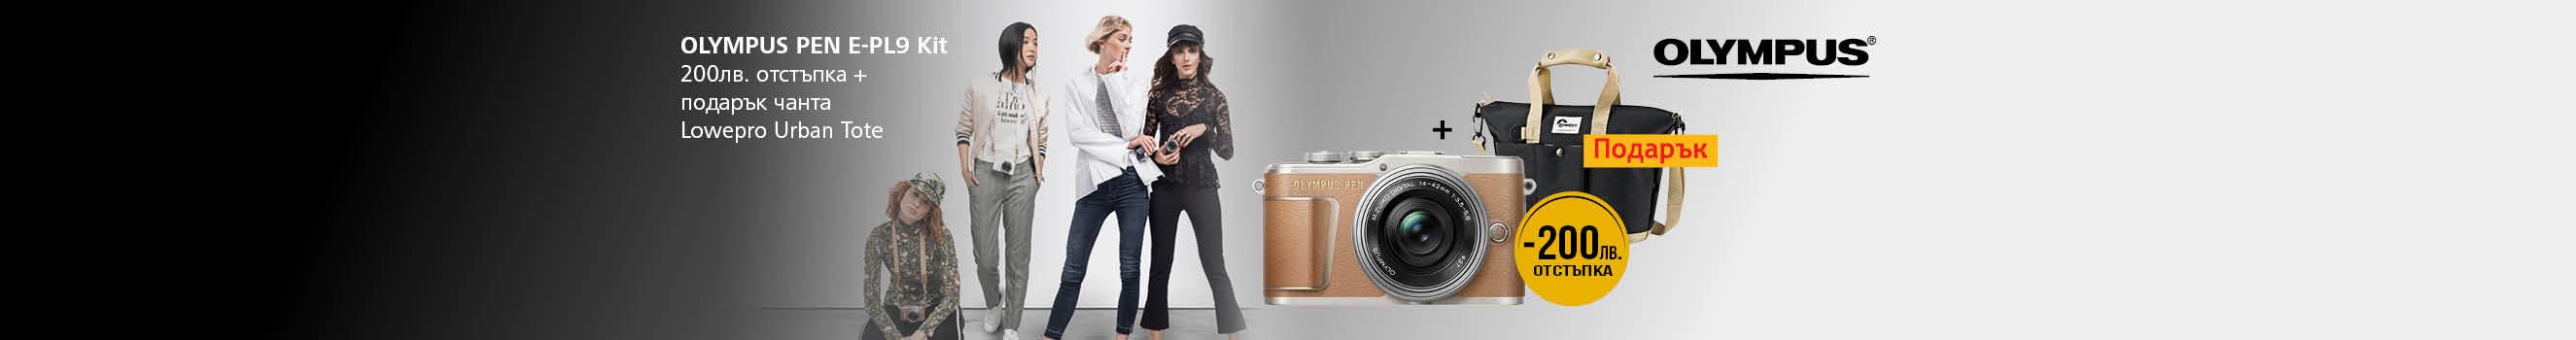 Фотоапарати Olympus E-PL9 Kit с подарък: чанта Lowepro Urban Tote